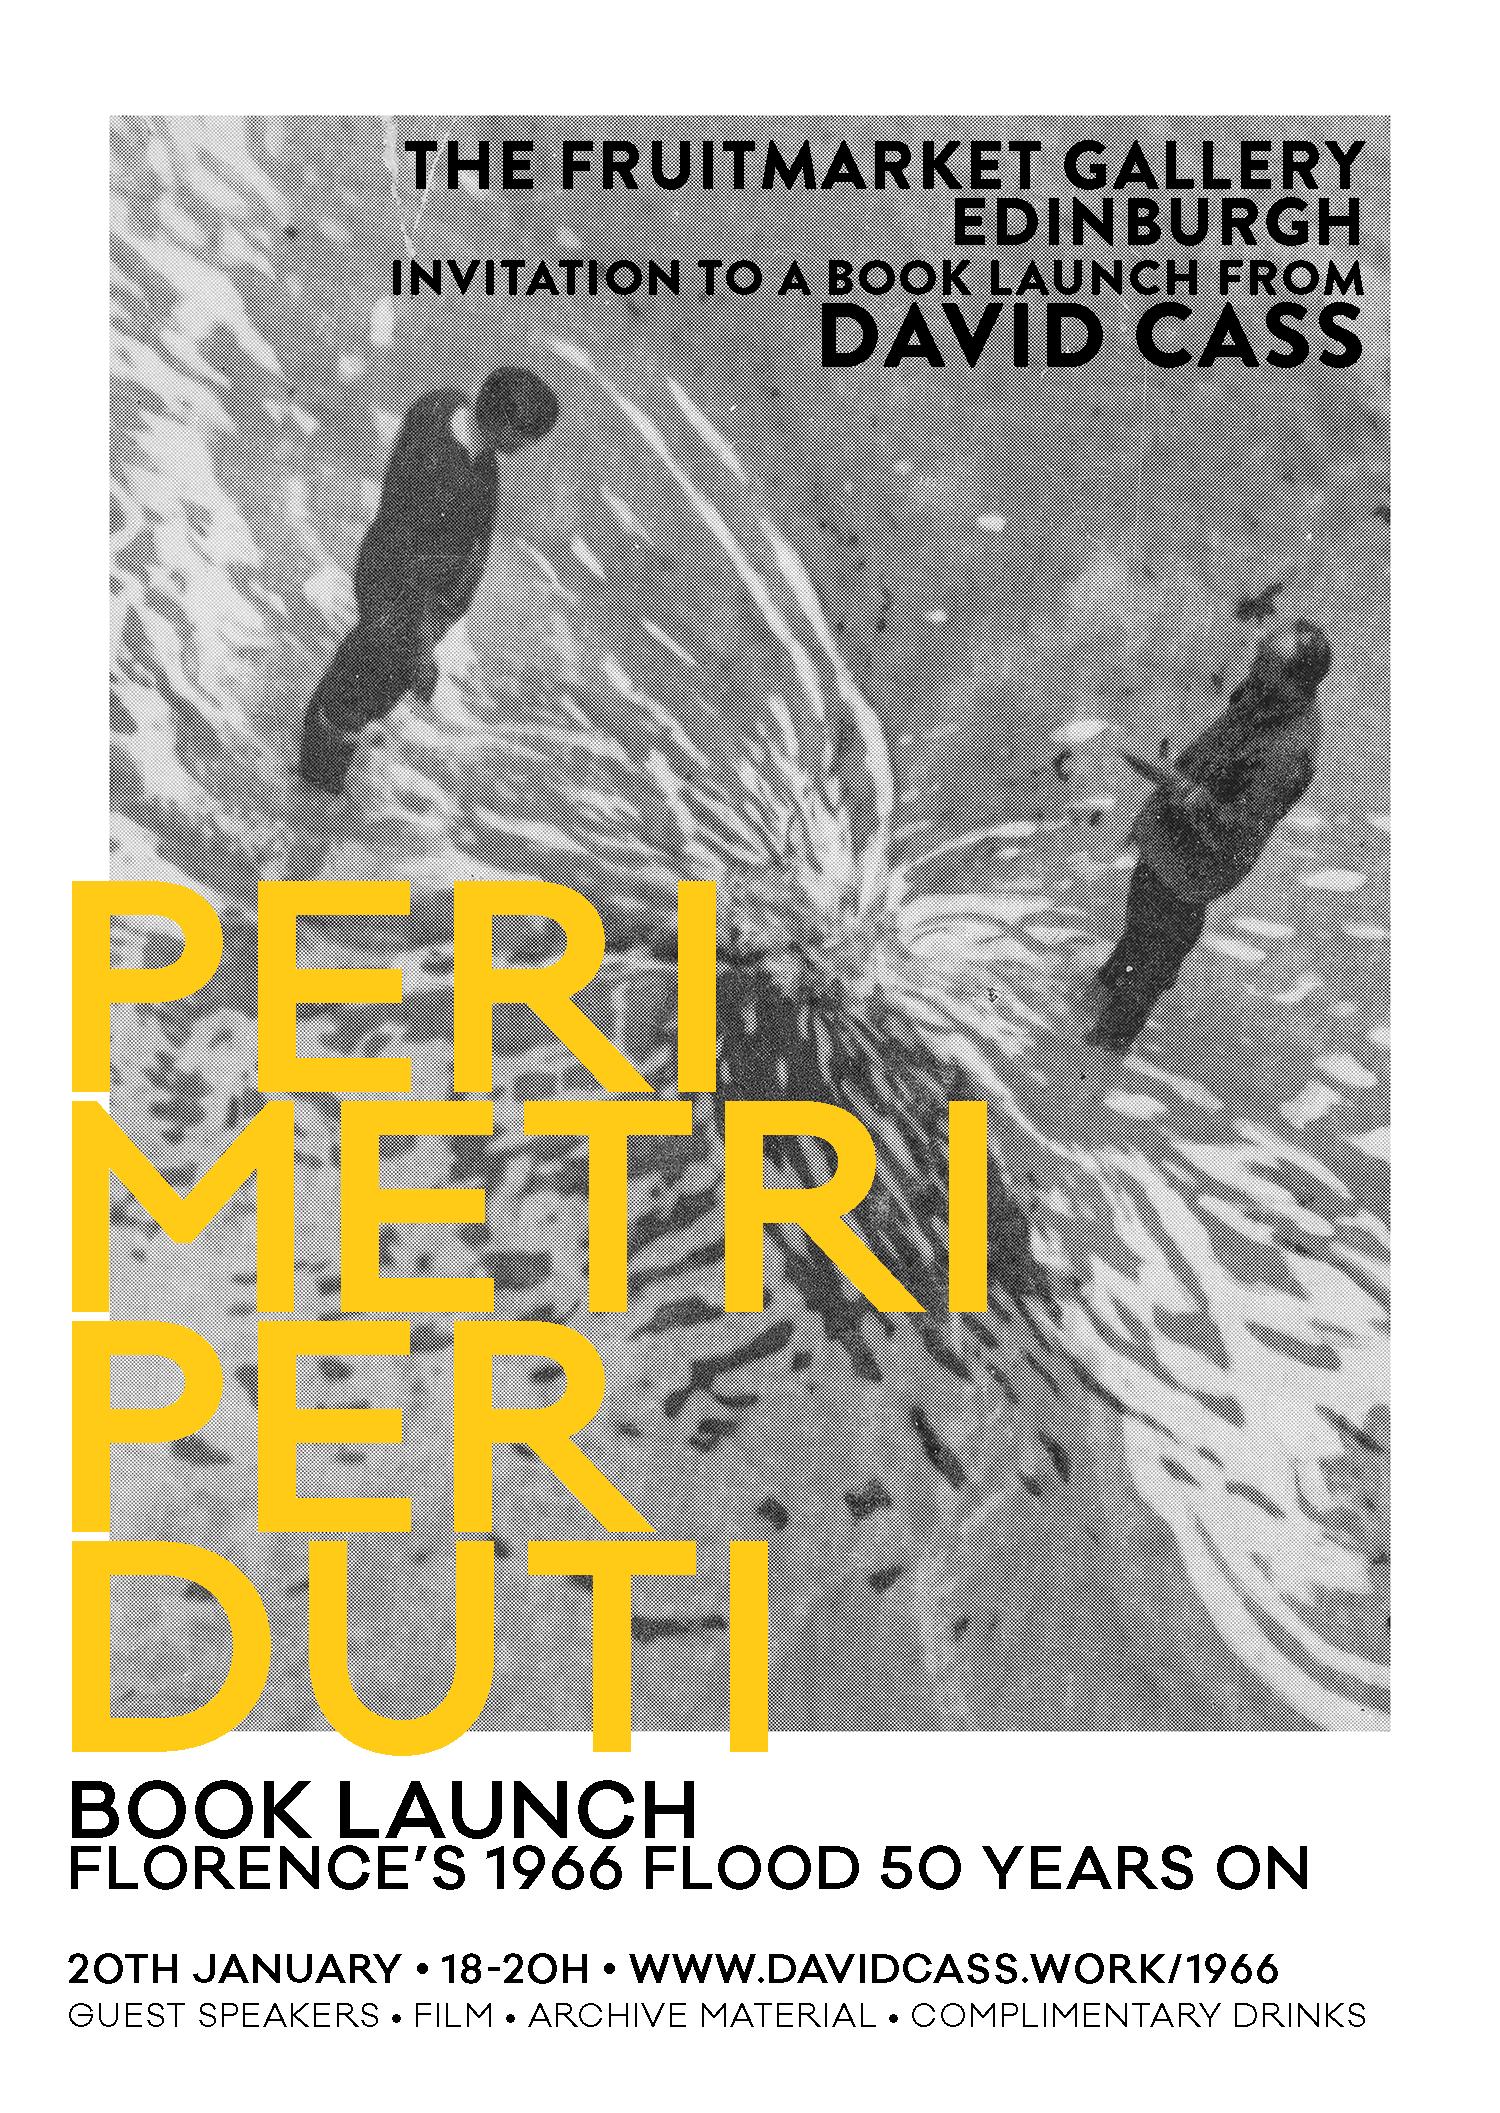 David Cass Flyer